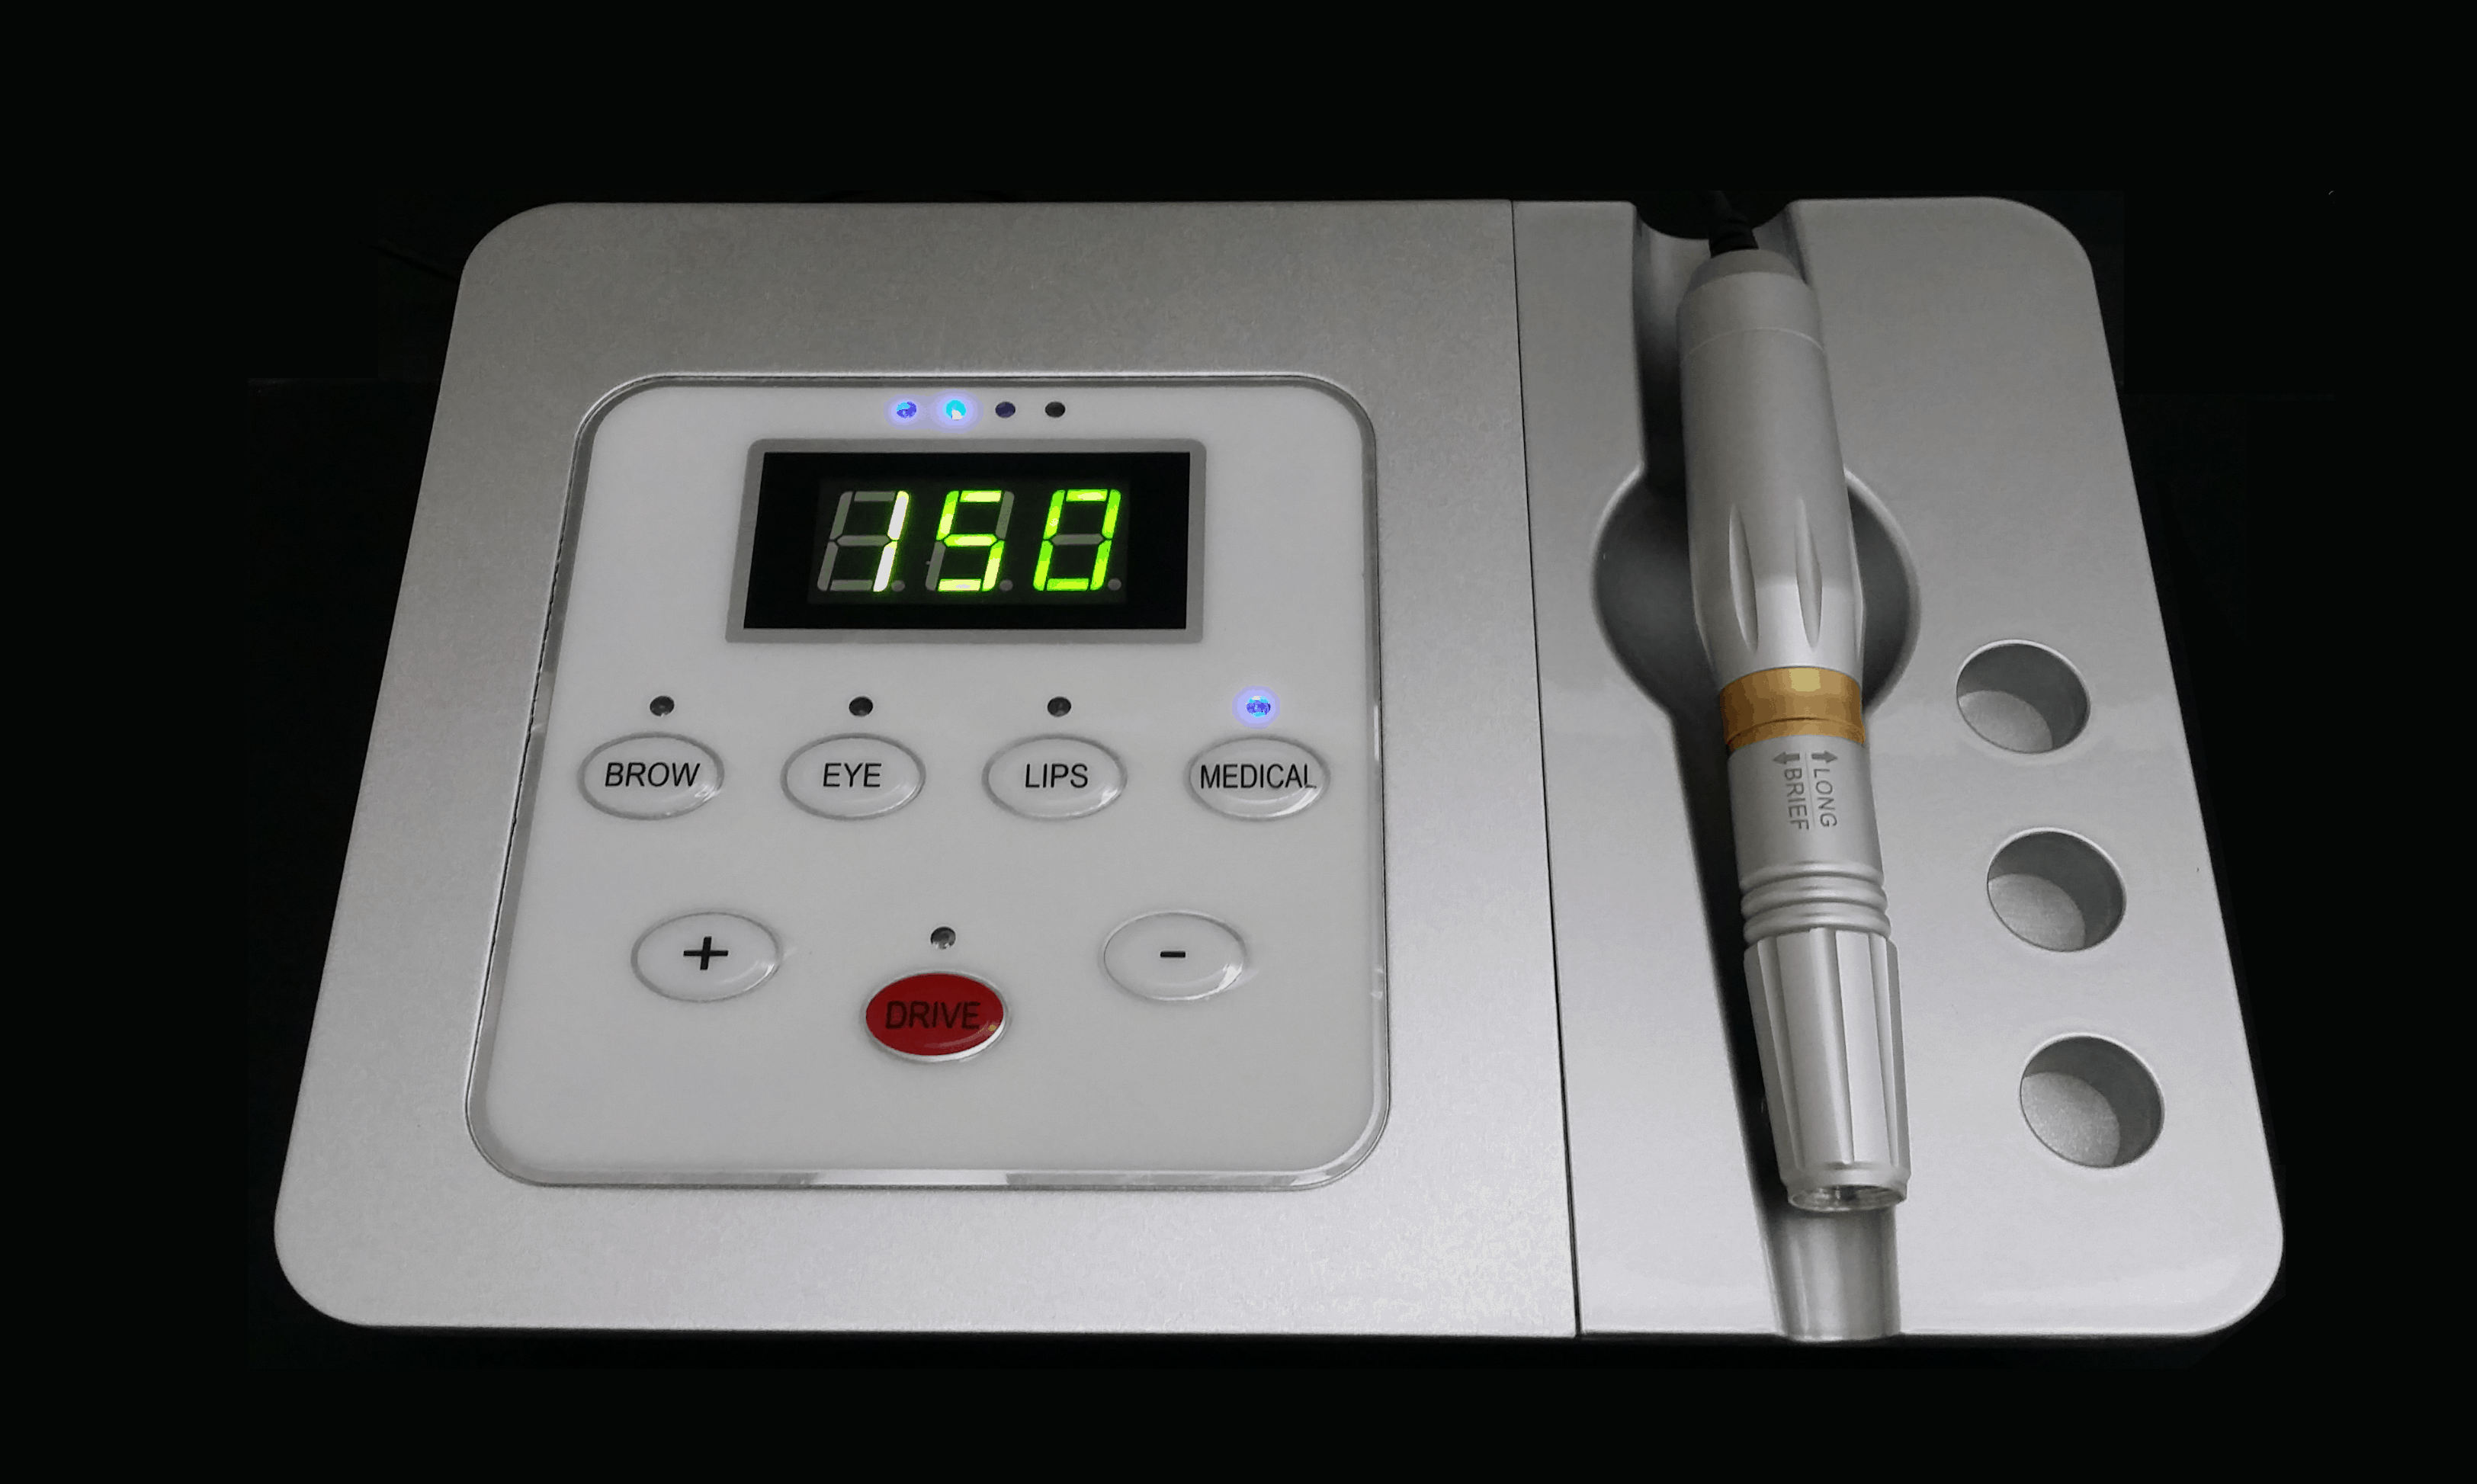 מכשיר איפור קבוע דיגיטלי מדוייק וקל להפעלה לאיפור מדוייק מיוצר בגרמניה